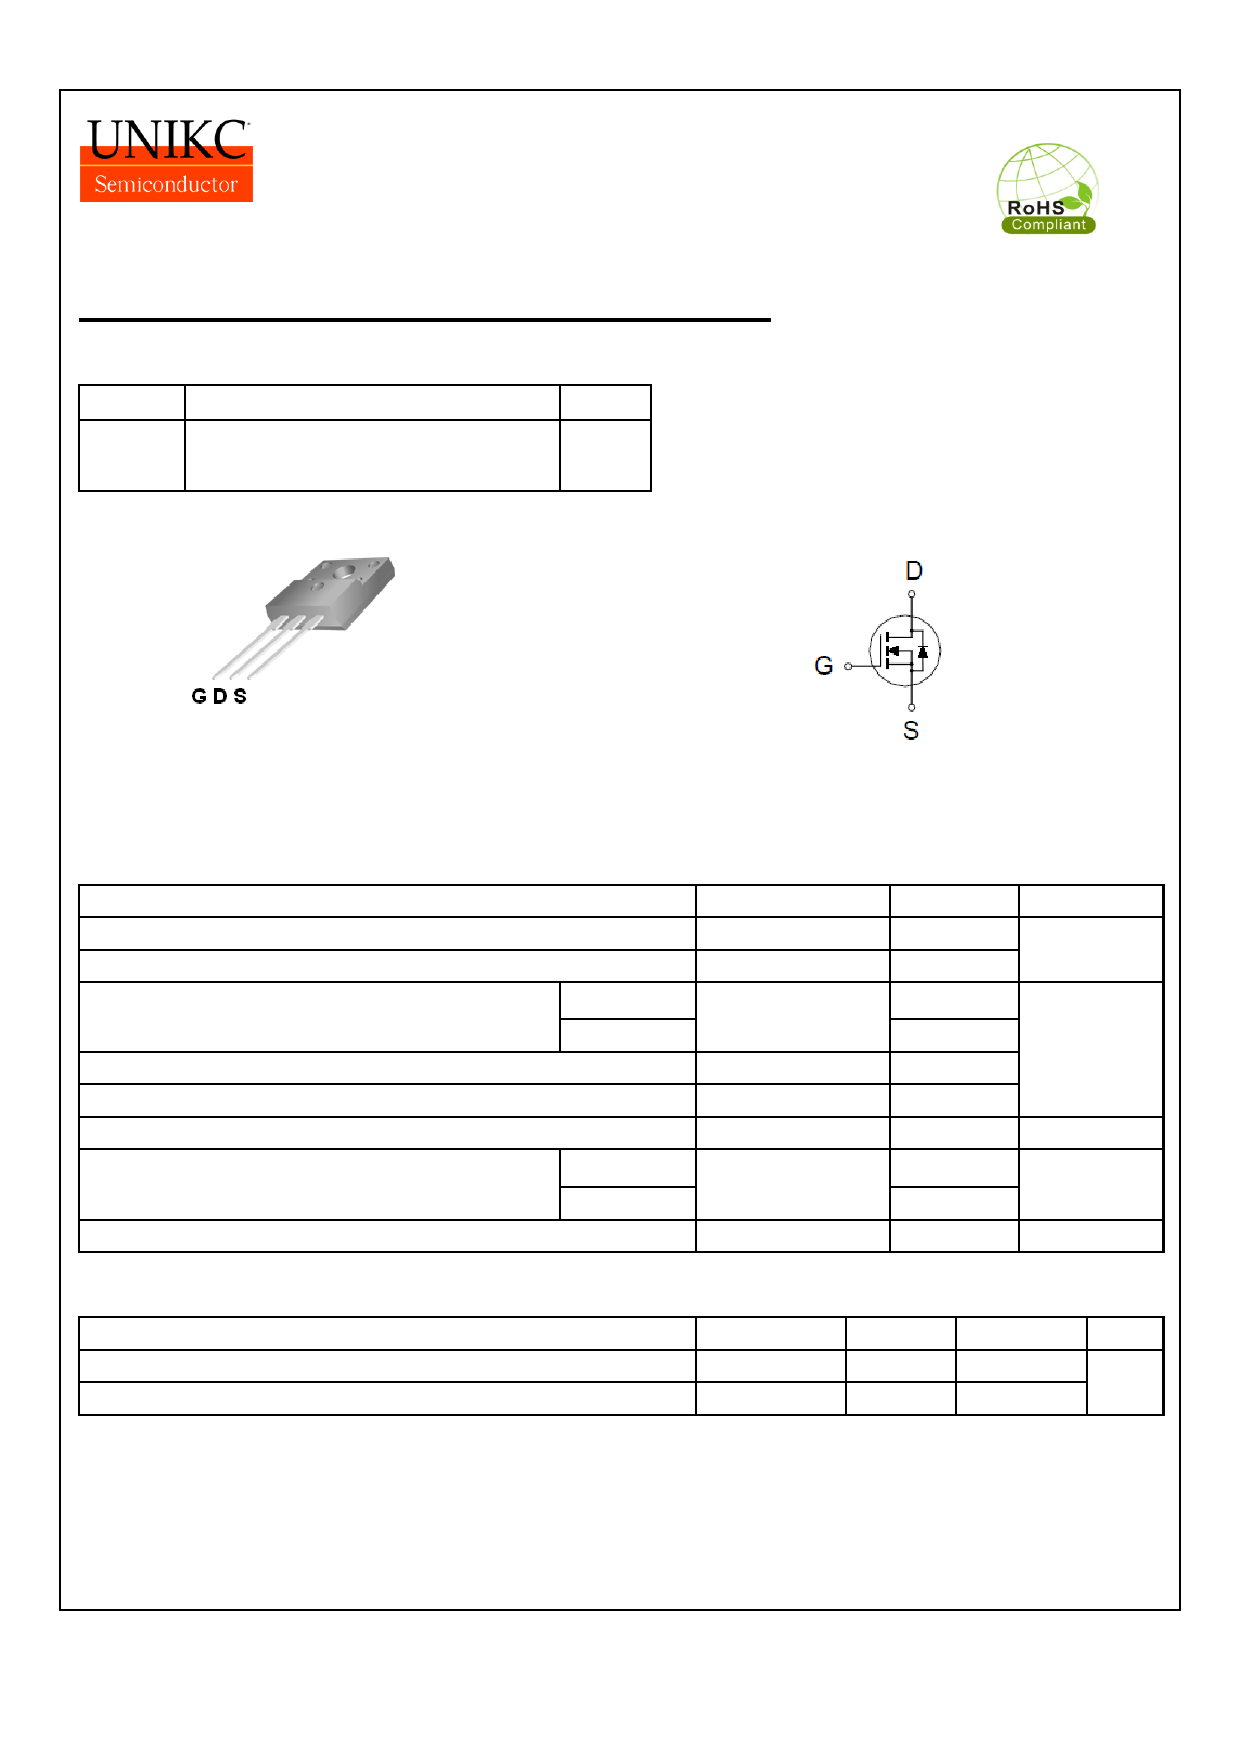 P3710BTF datasheet